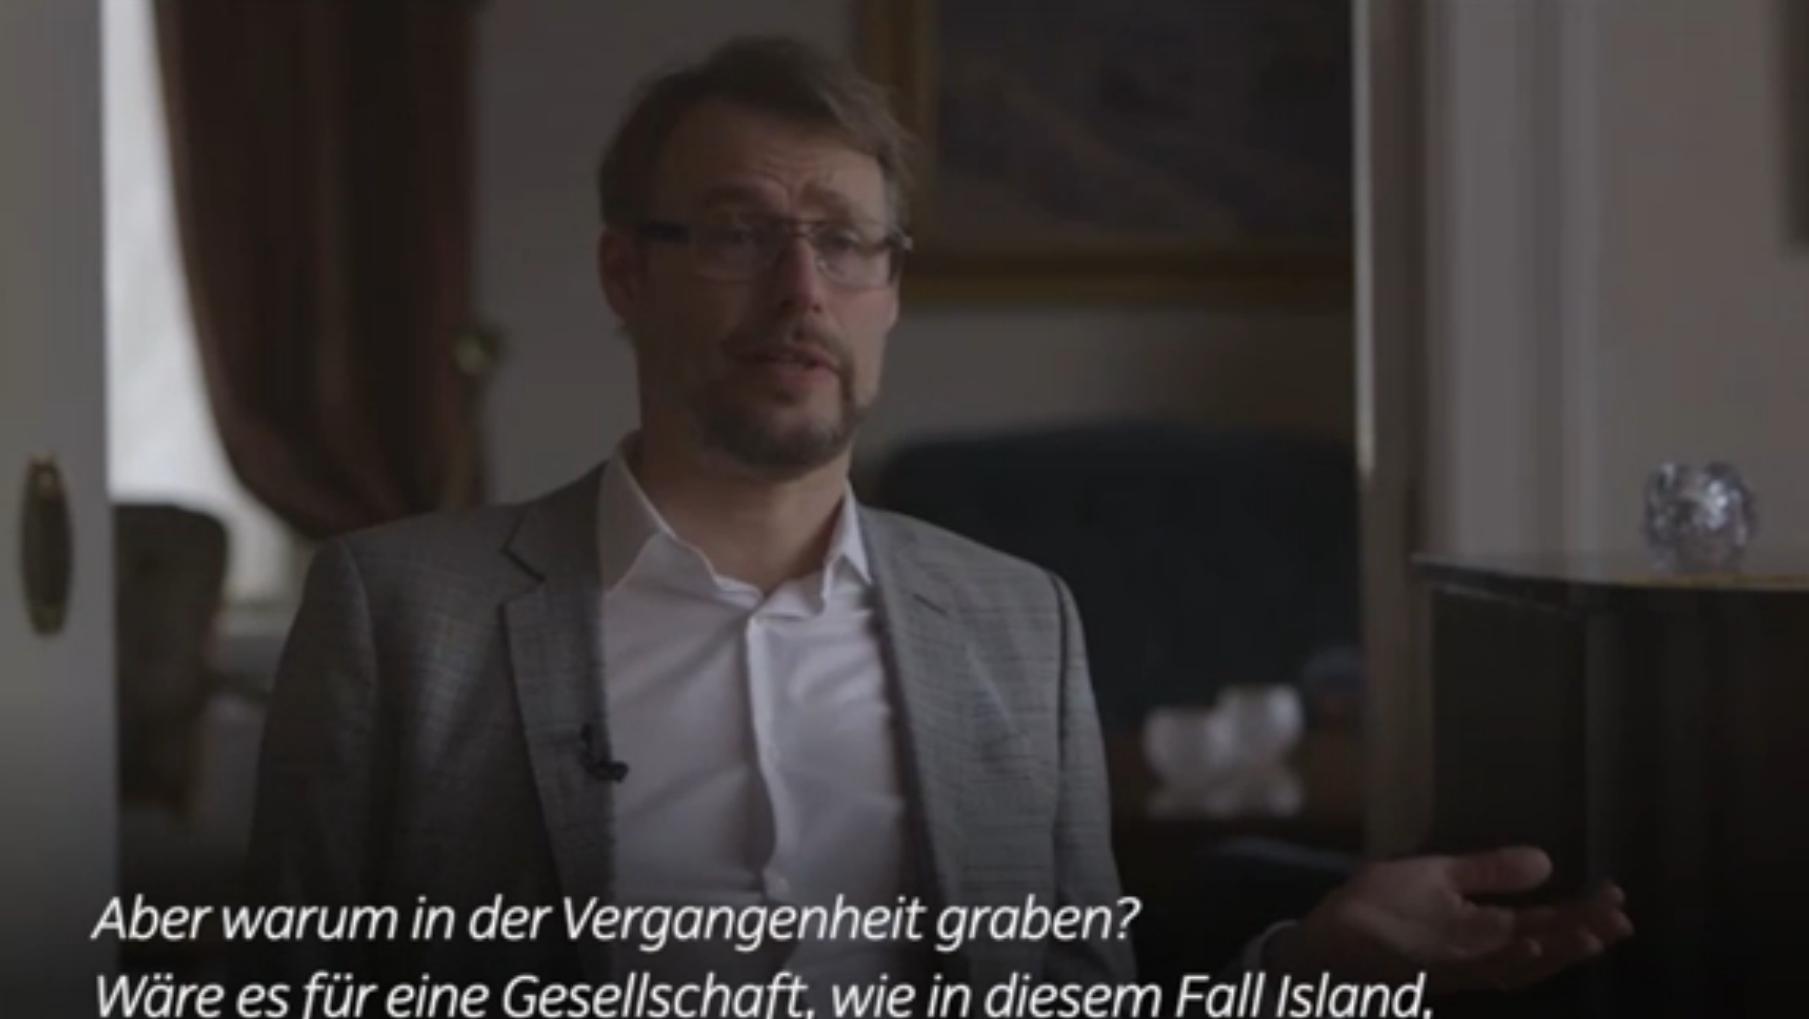 Den Interviewten mit freundlichen Fragen in Sicherheit wiegen - auch das gehört dazu. (Quelle: sueddeutsche.de)